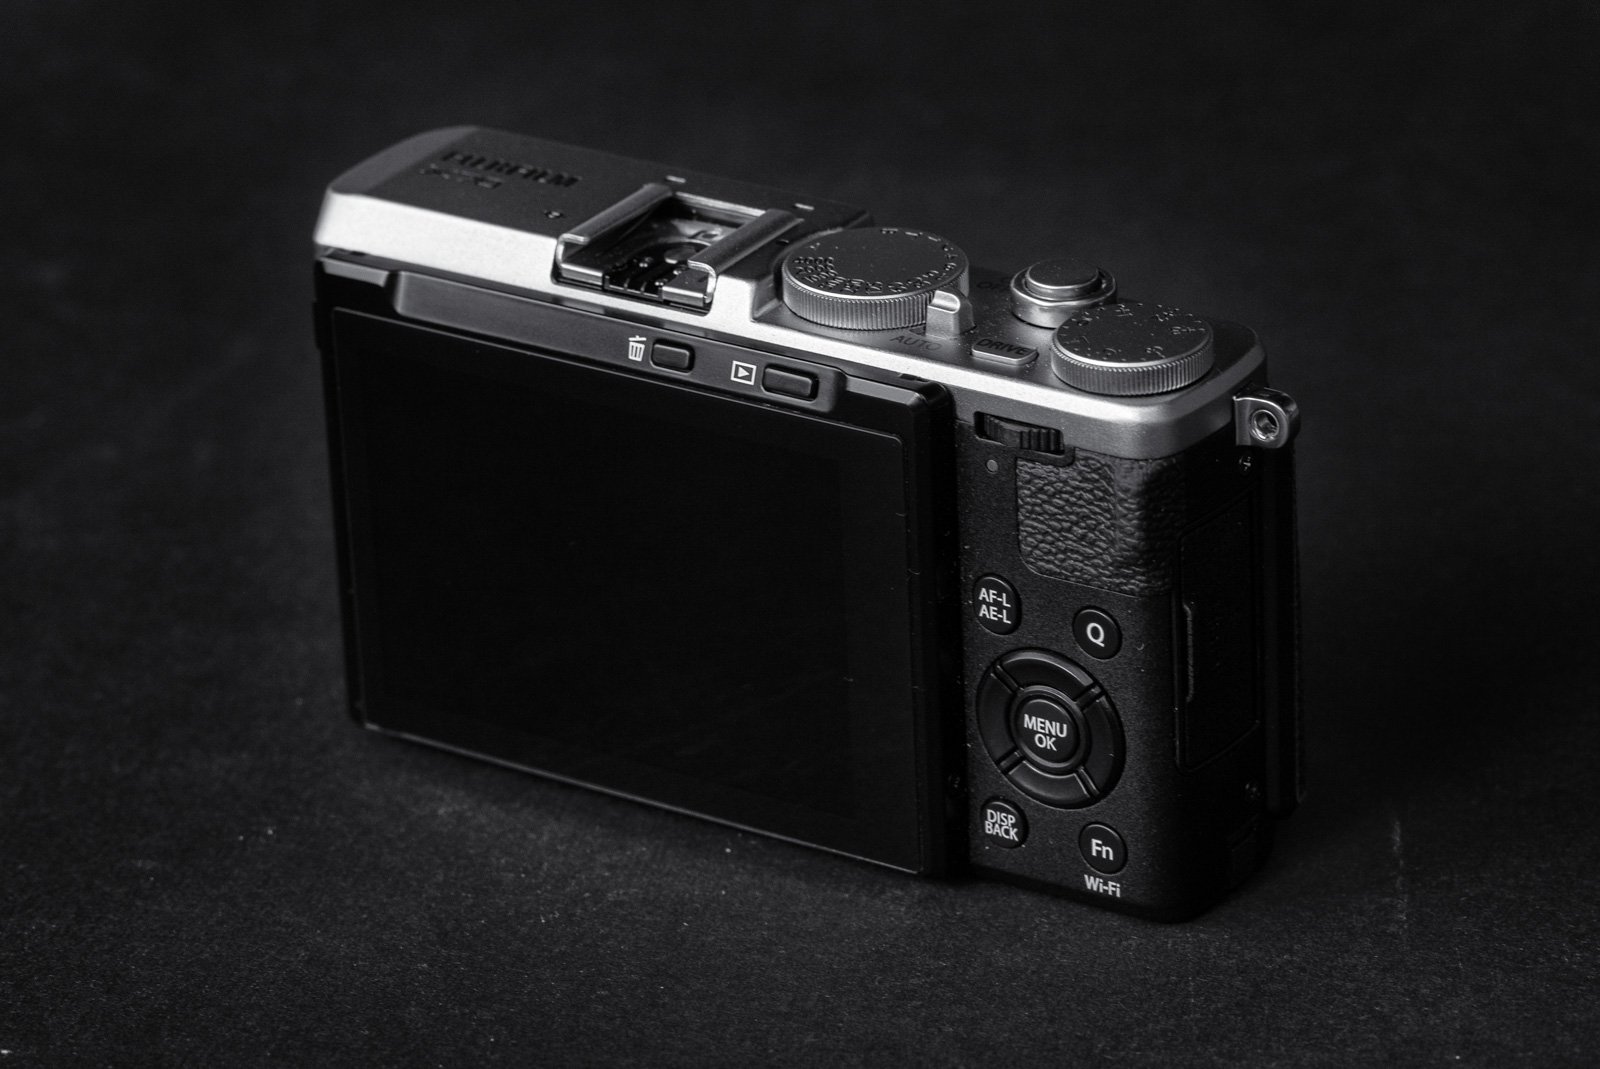 Fuji X70 - Hands On - MesssucherweltMesssucherwelt